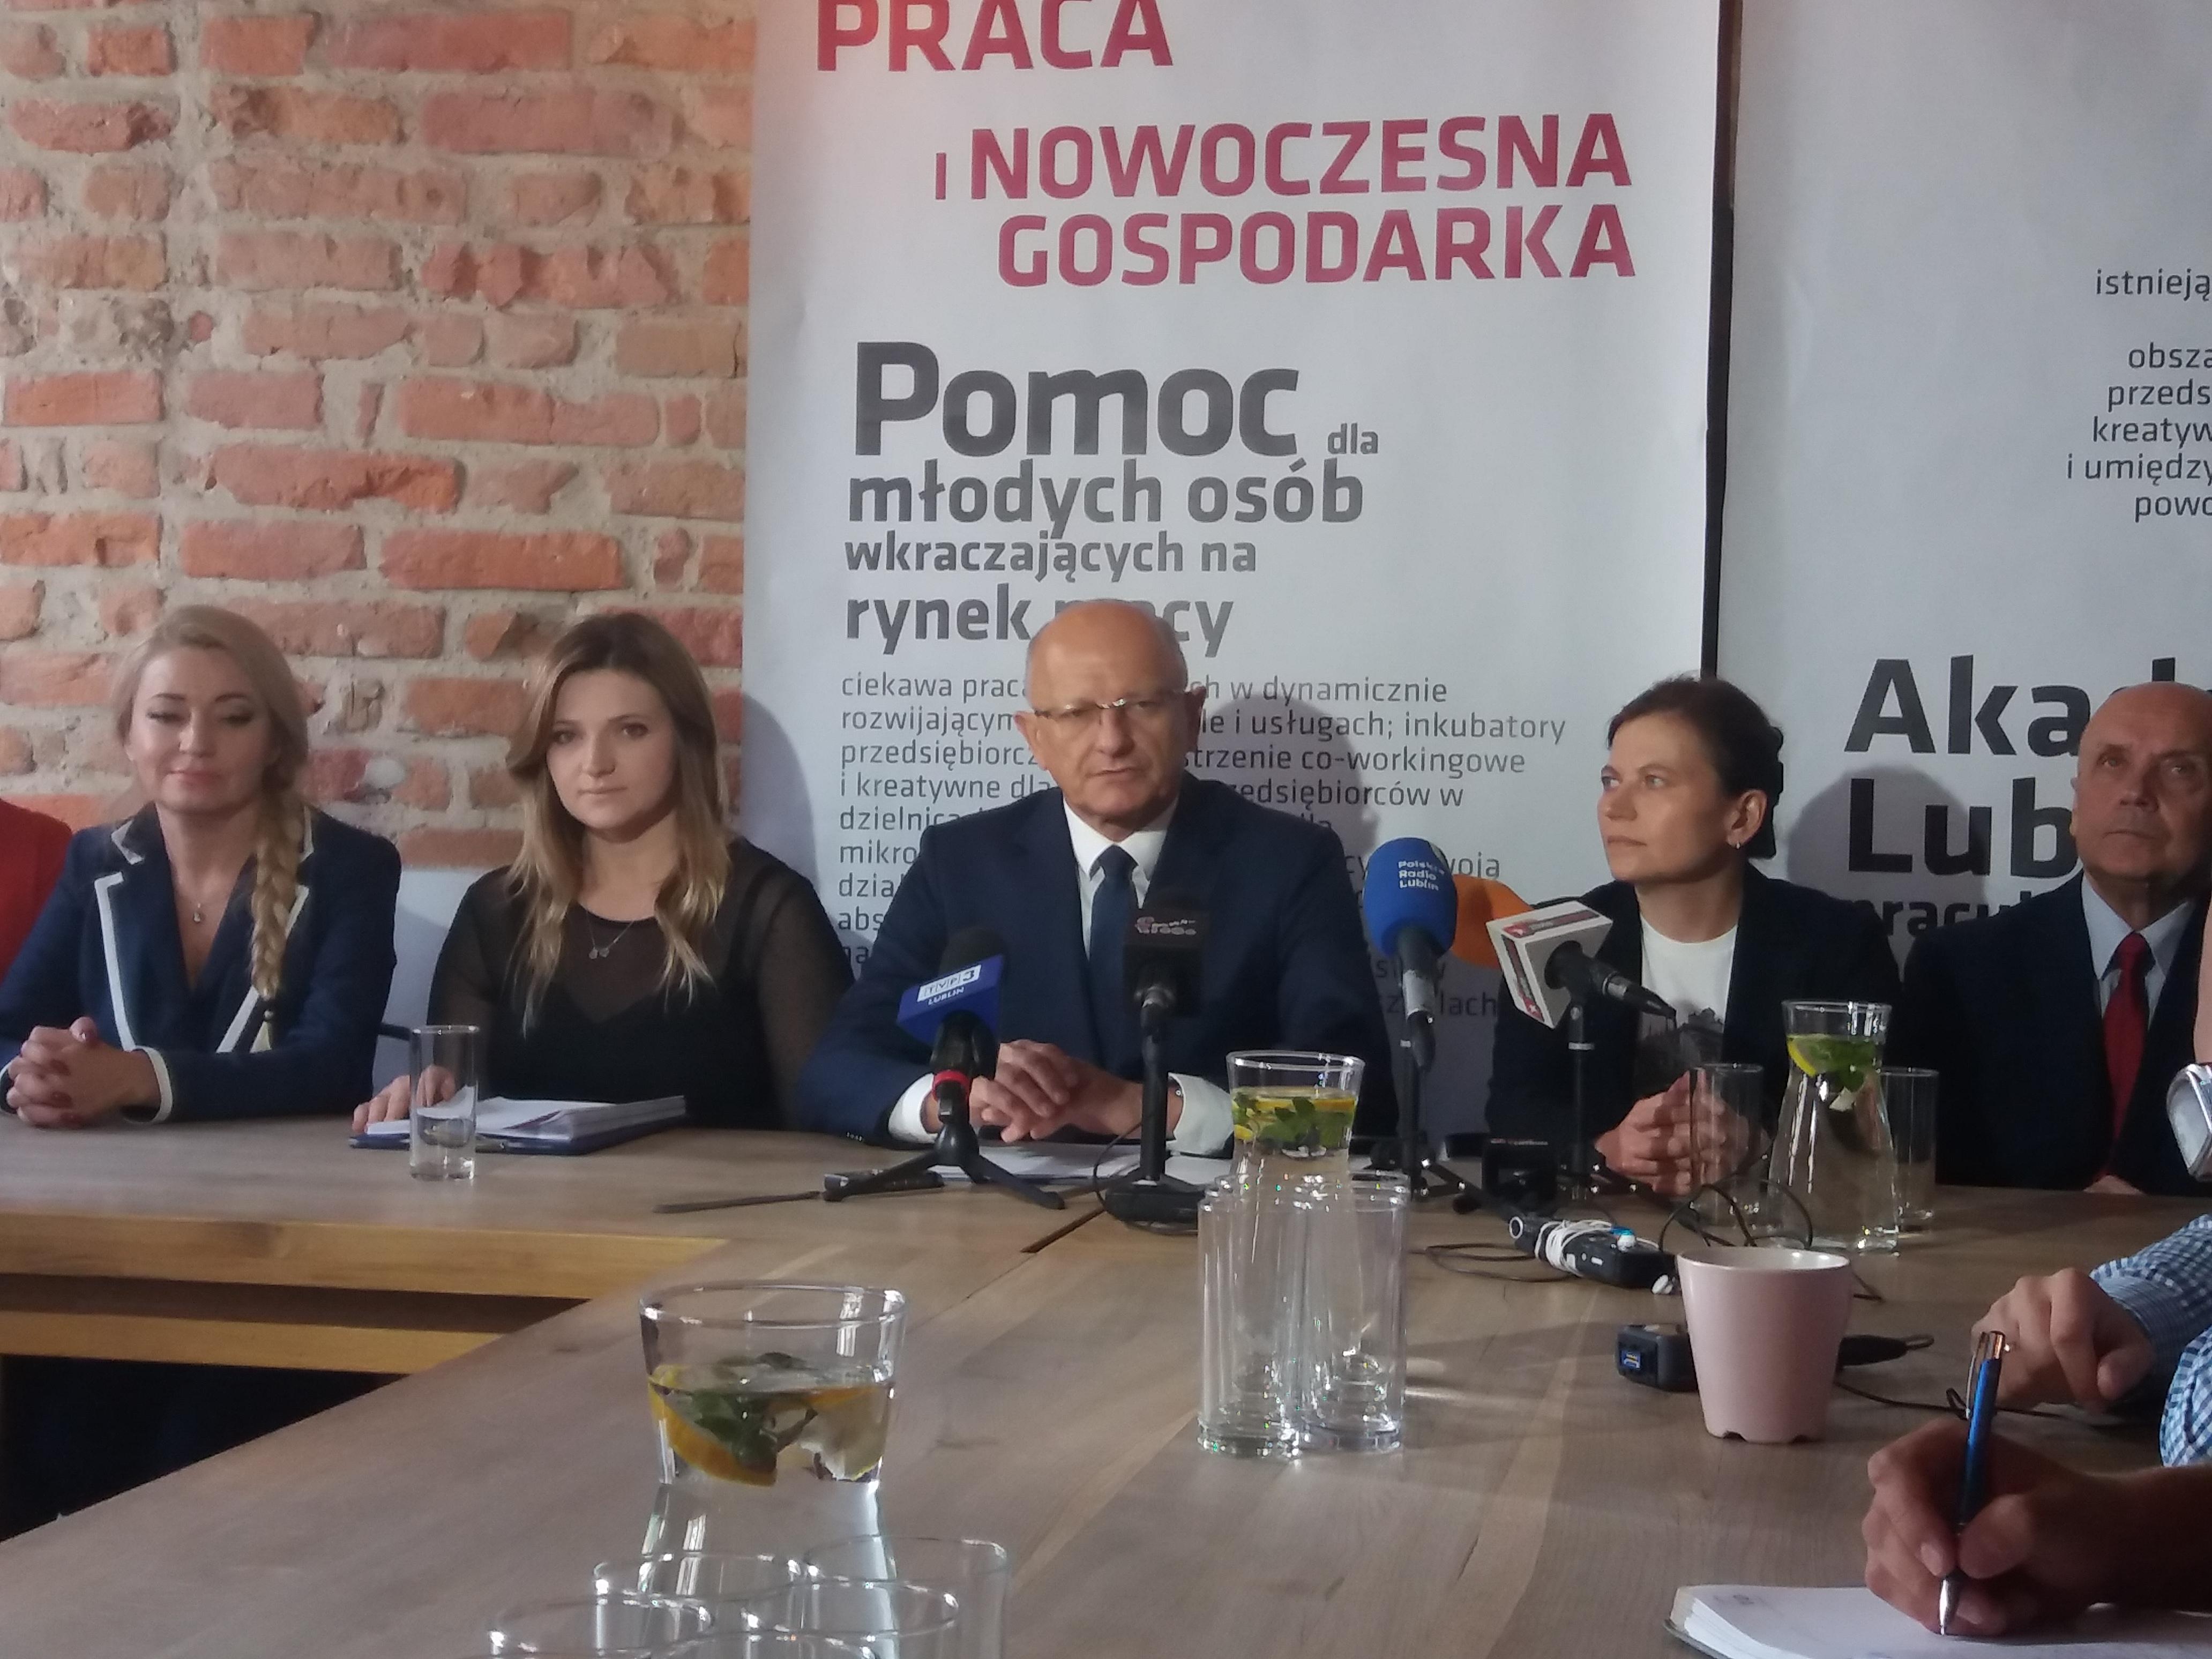 Założenia kolejnego obszaru kontraktu dla Lublina Krzysztofa Żuka na lata 2018-2023